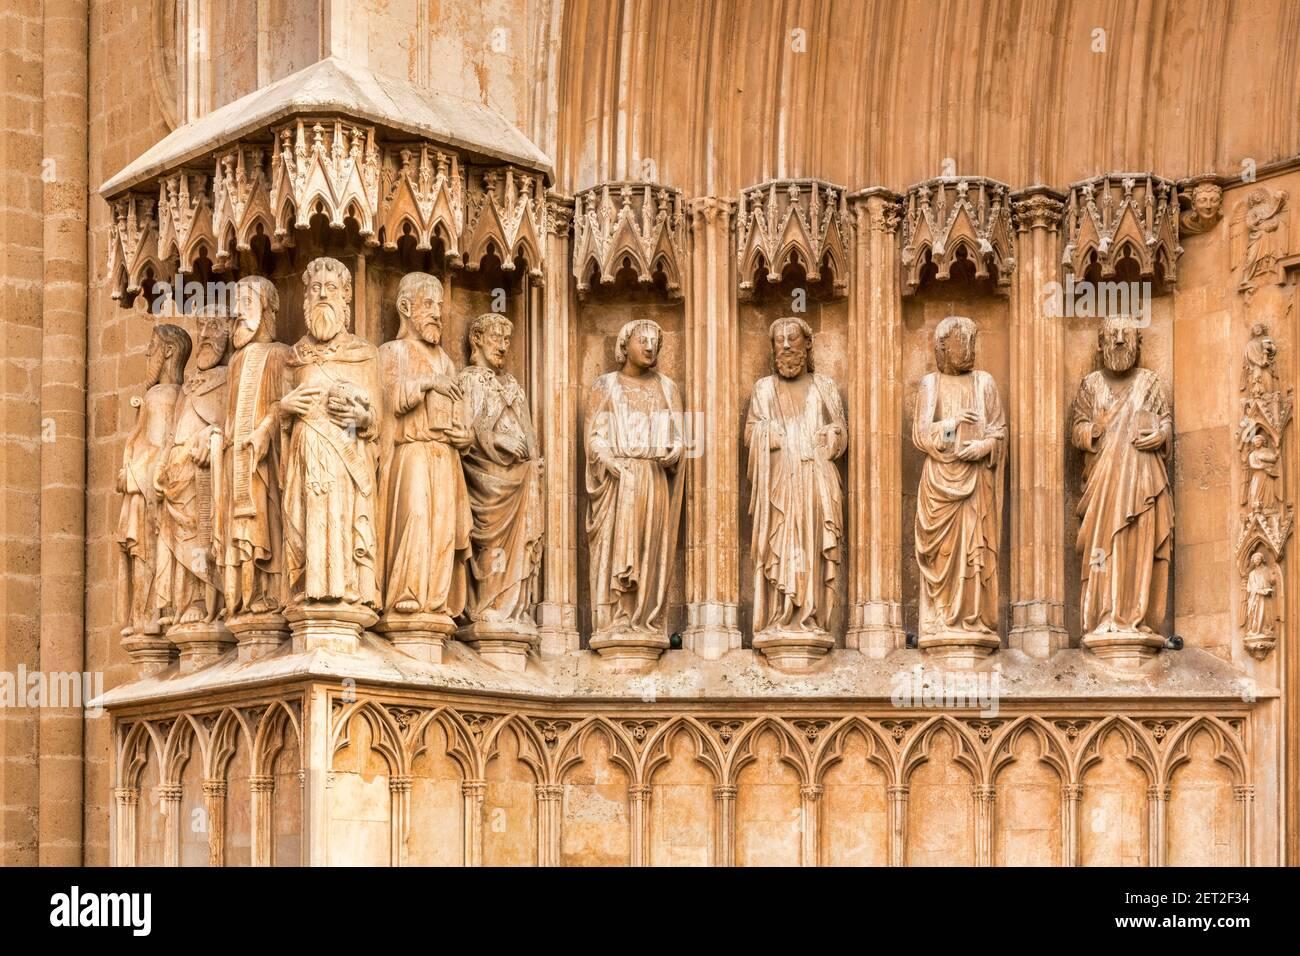 Particolare del fregio sulla facciata Sud Est della Cattedrale Metropolitana di Tarragona da Pla de la Seu a Tarragona, Spagna. Foto Stock